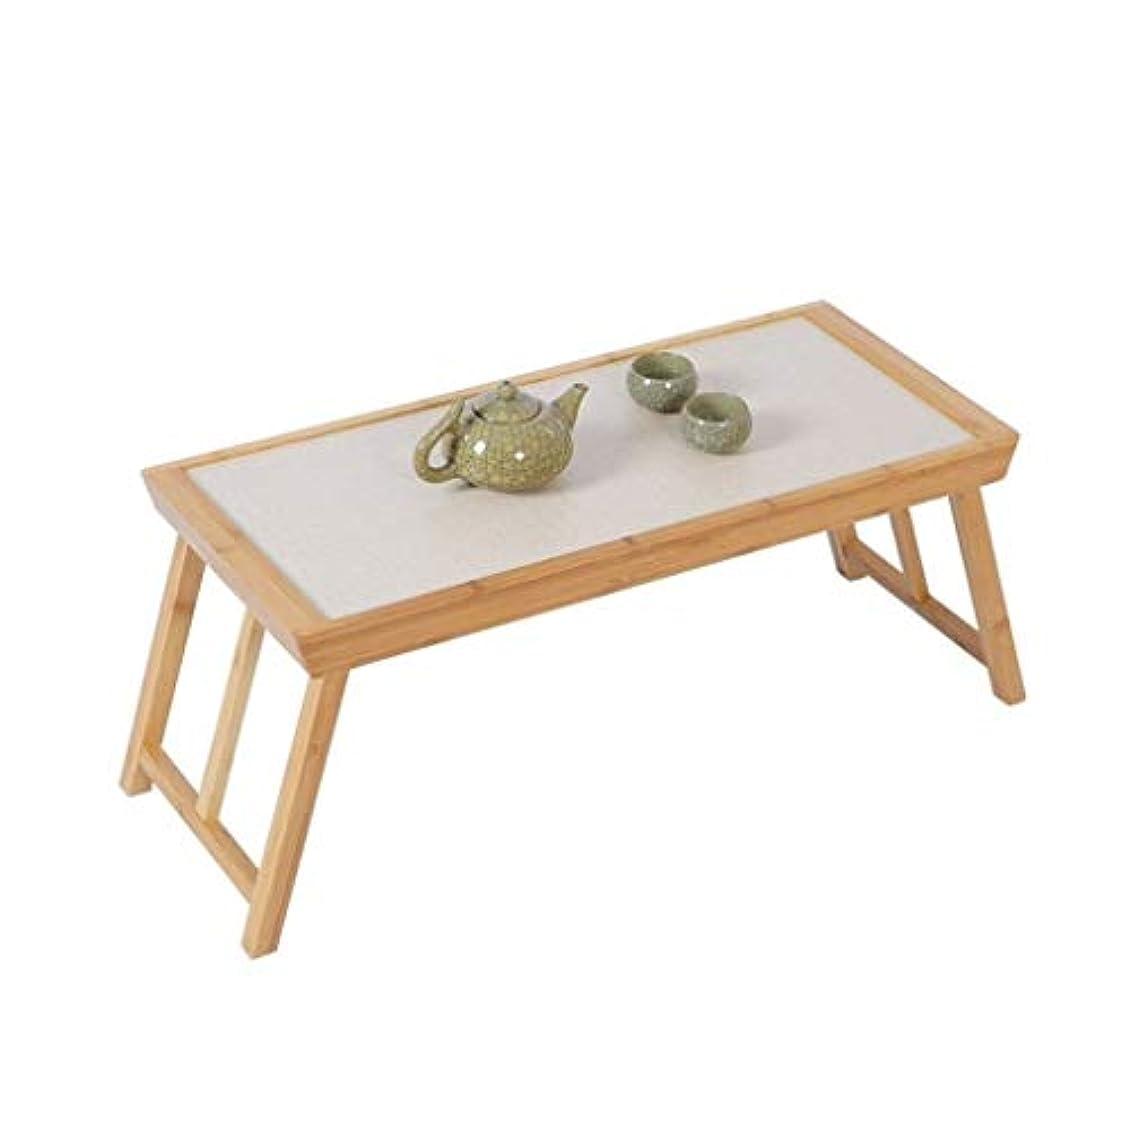 小石恥ずかしさ演劇Yalztc-zyq16 折りたたみテーブル出窓テーブル和風シンプル折りたたみテーブルコンピュータテーブル小さなコーヒーテーブルローテーブルテーブル